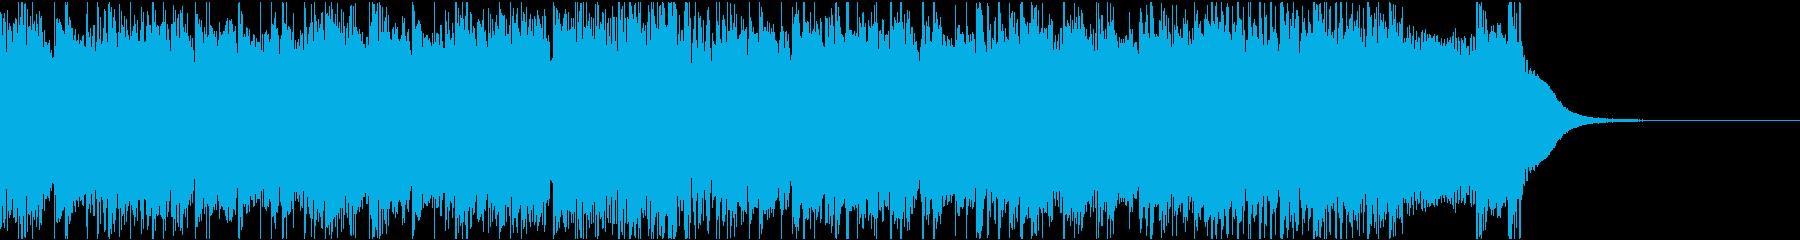 疾走感溢れるハードロック風ジングルの再生済みの波形